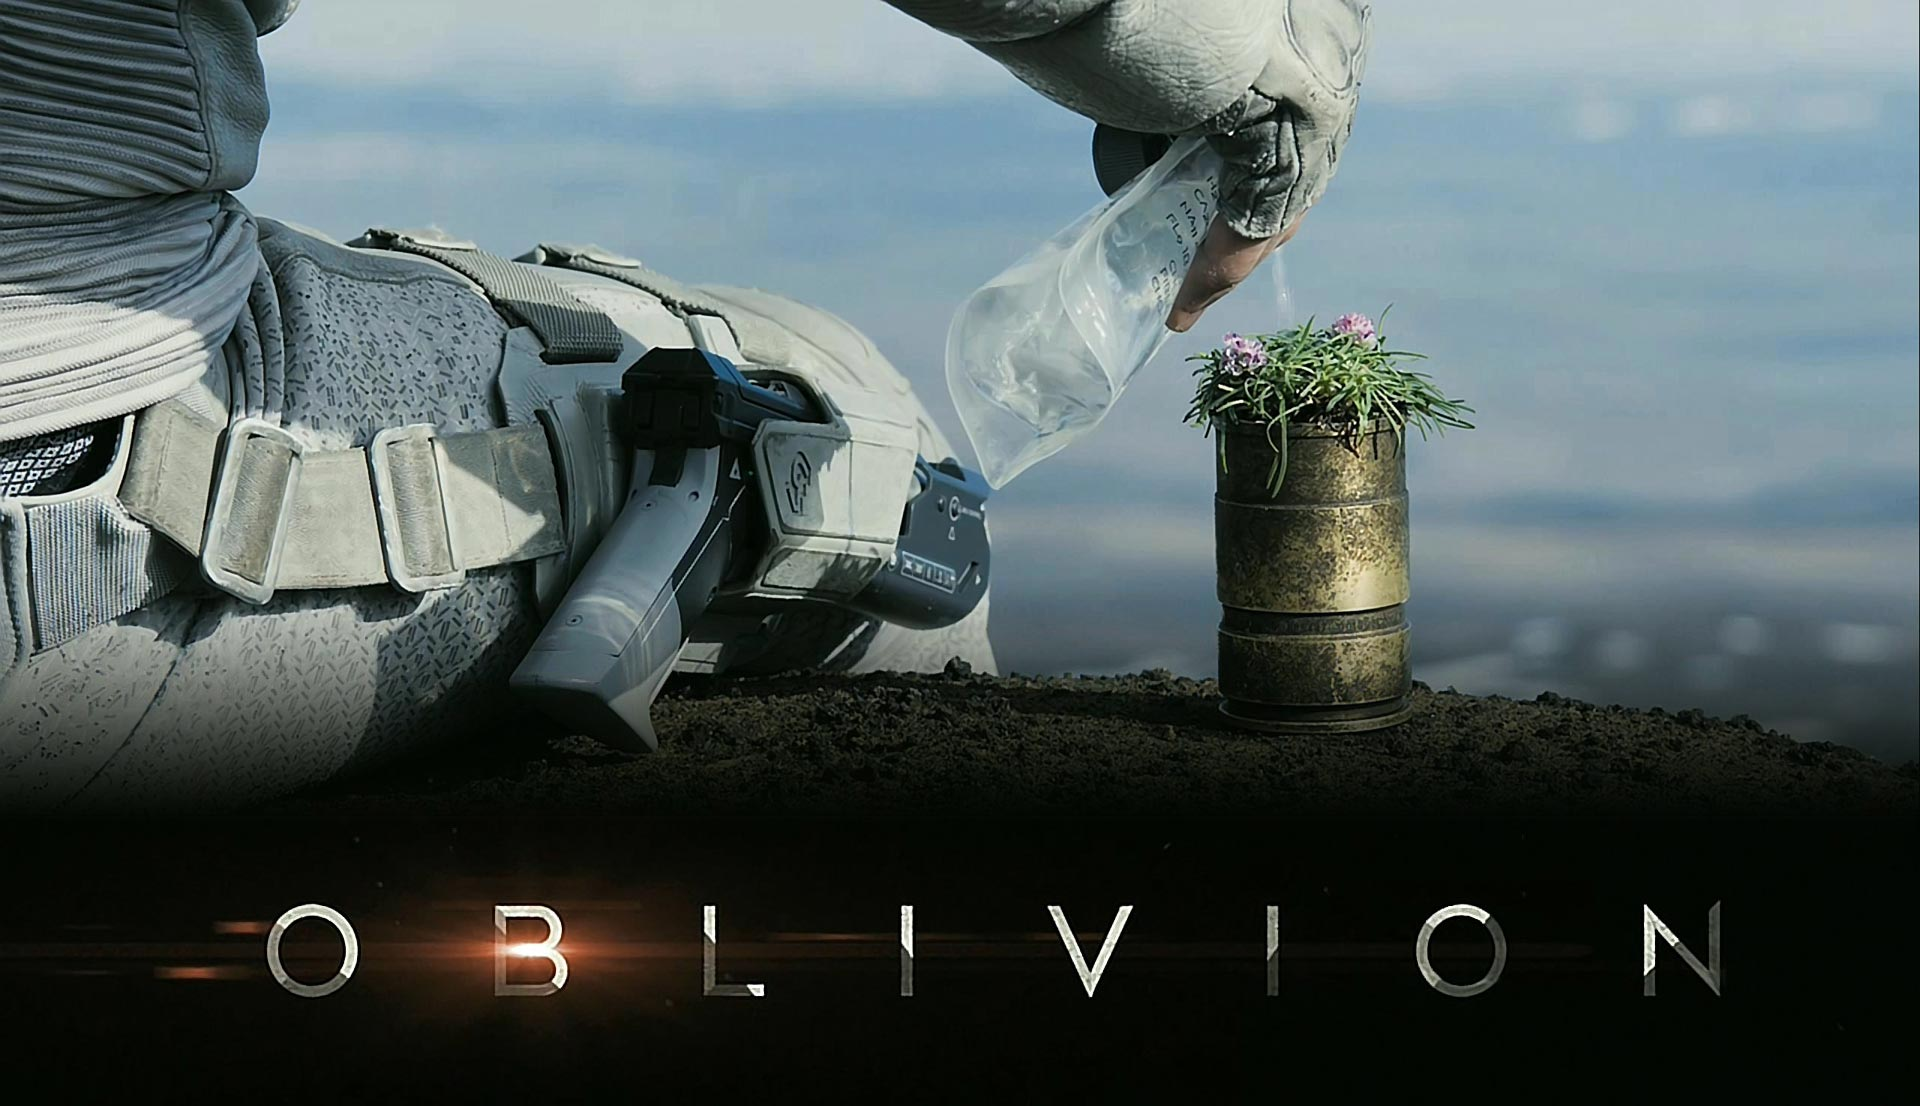 Oblivion THINKING SCI FI 1920x1106